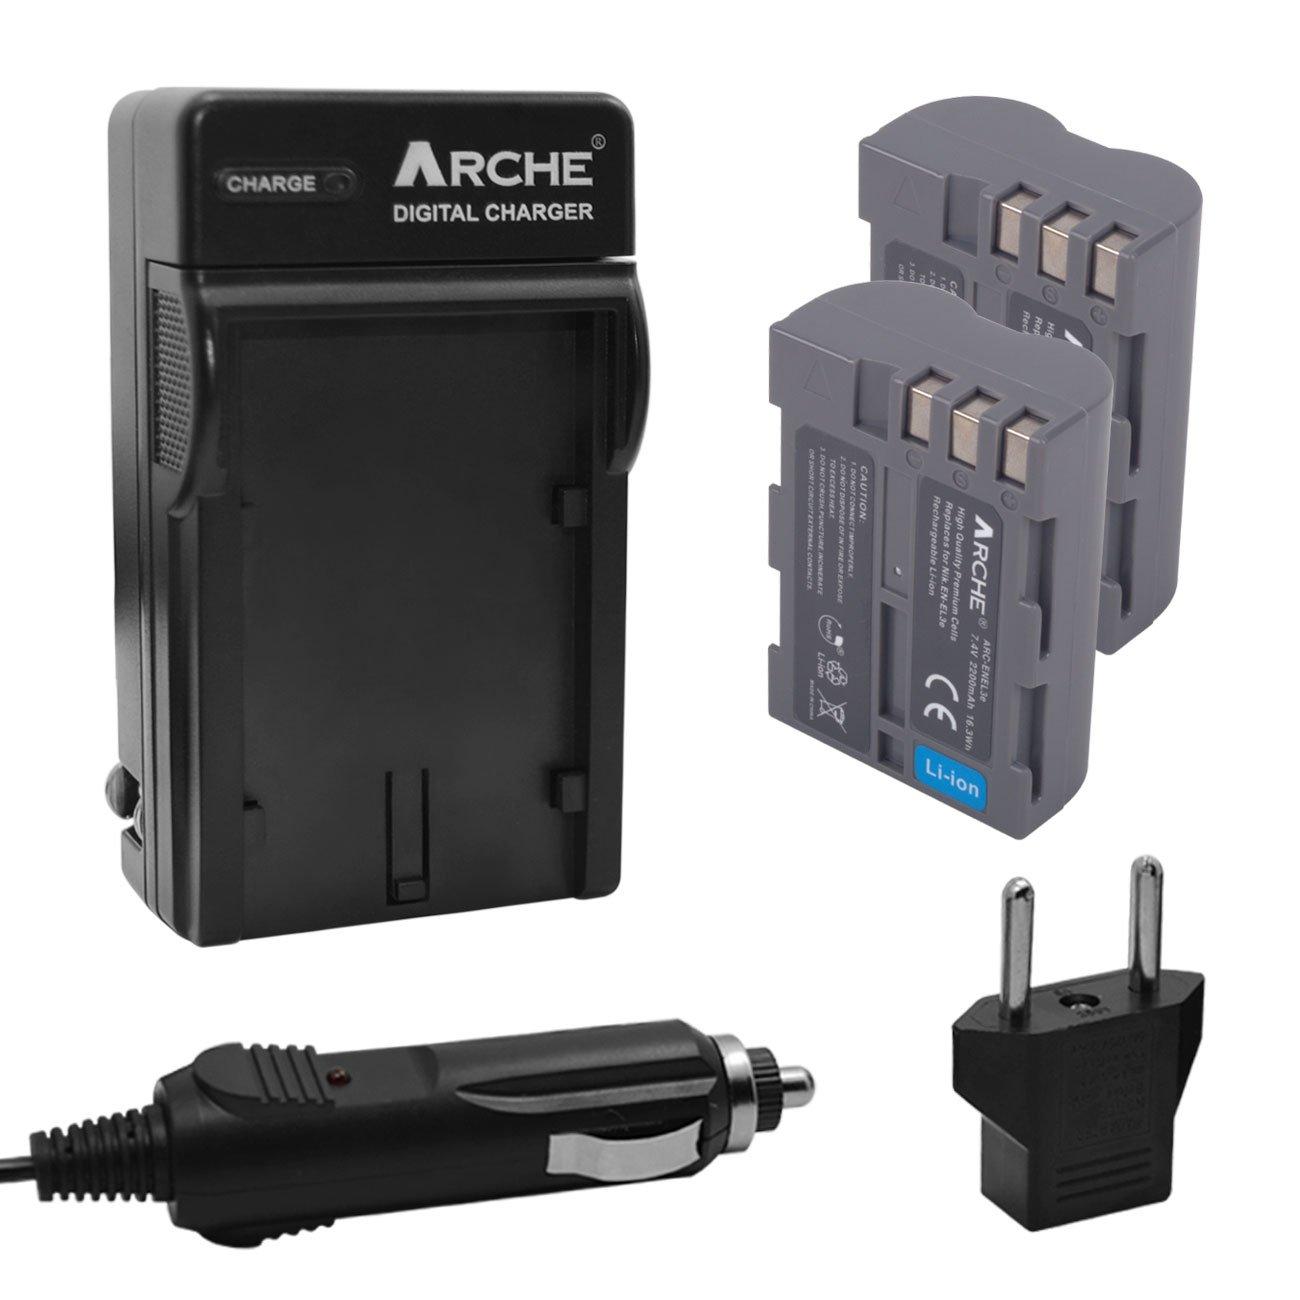 Arche de alta capacidad batería de repuesto (2 unidades) y ...